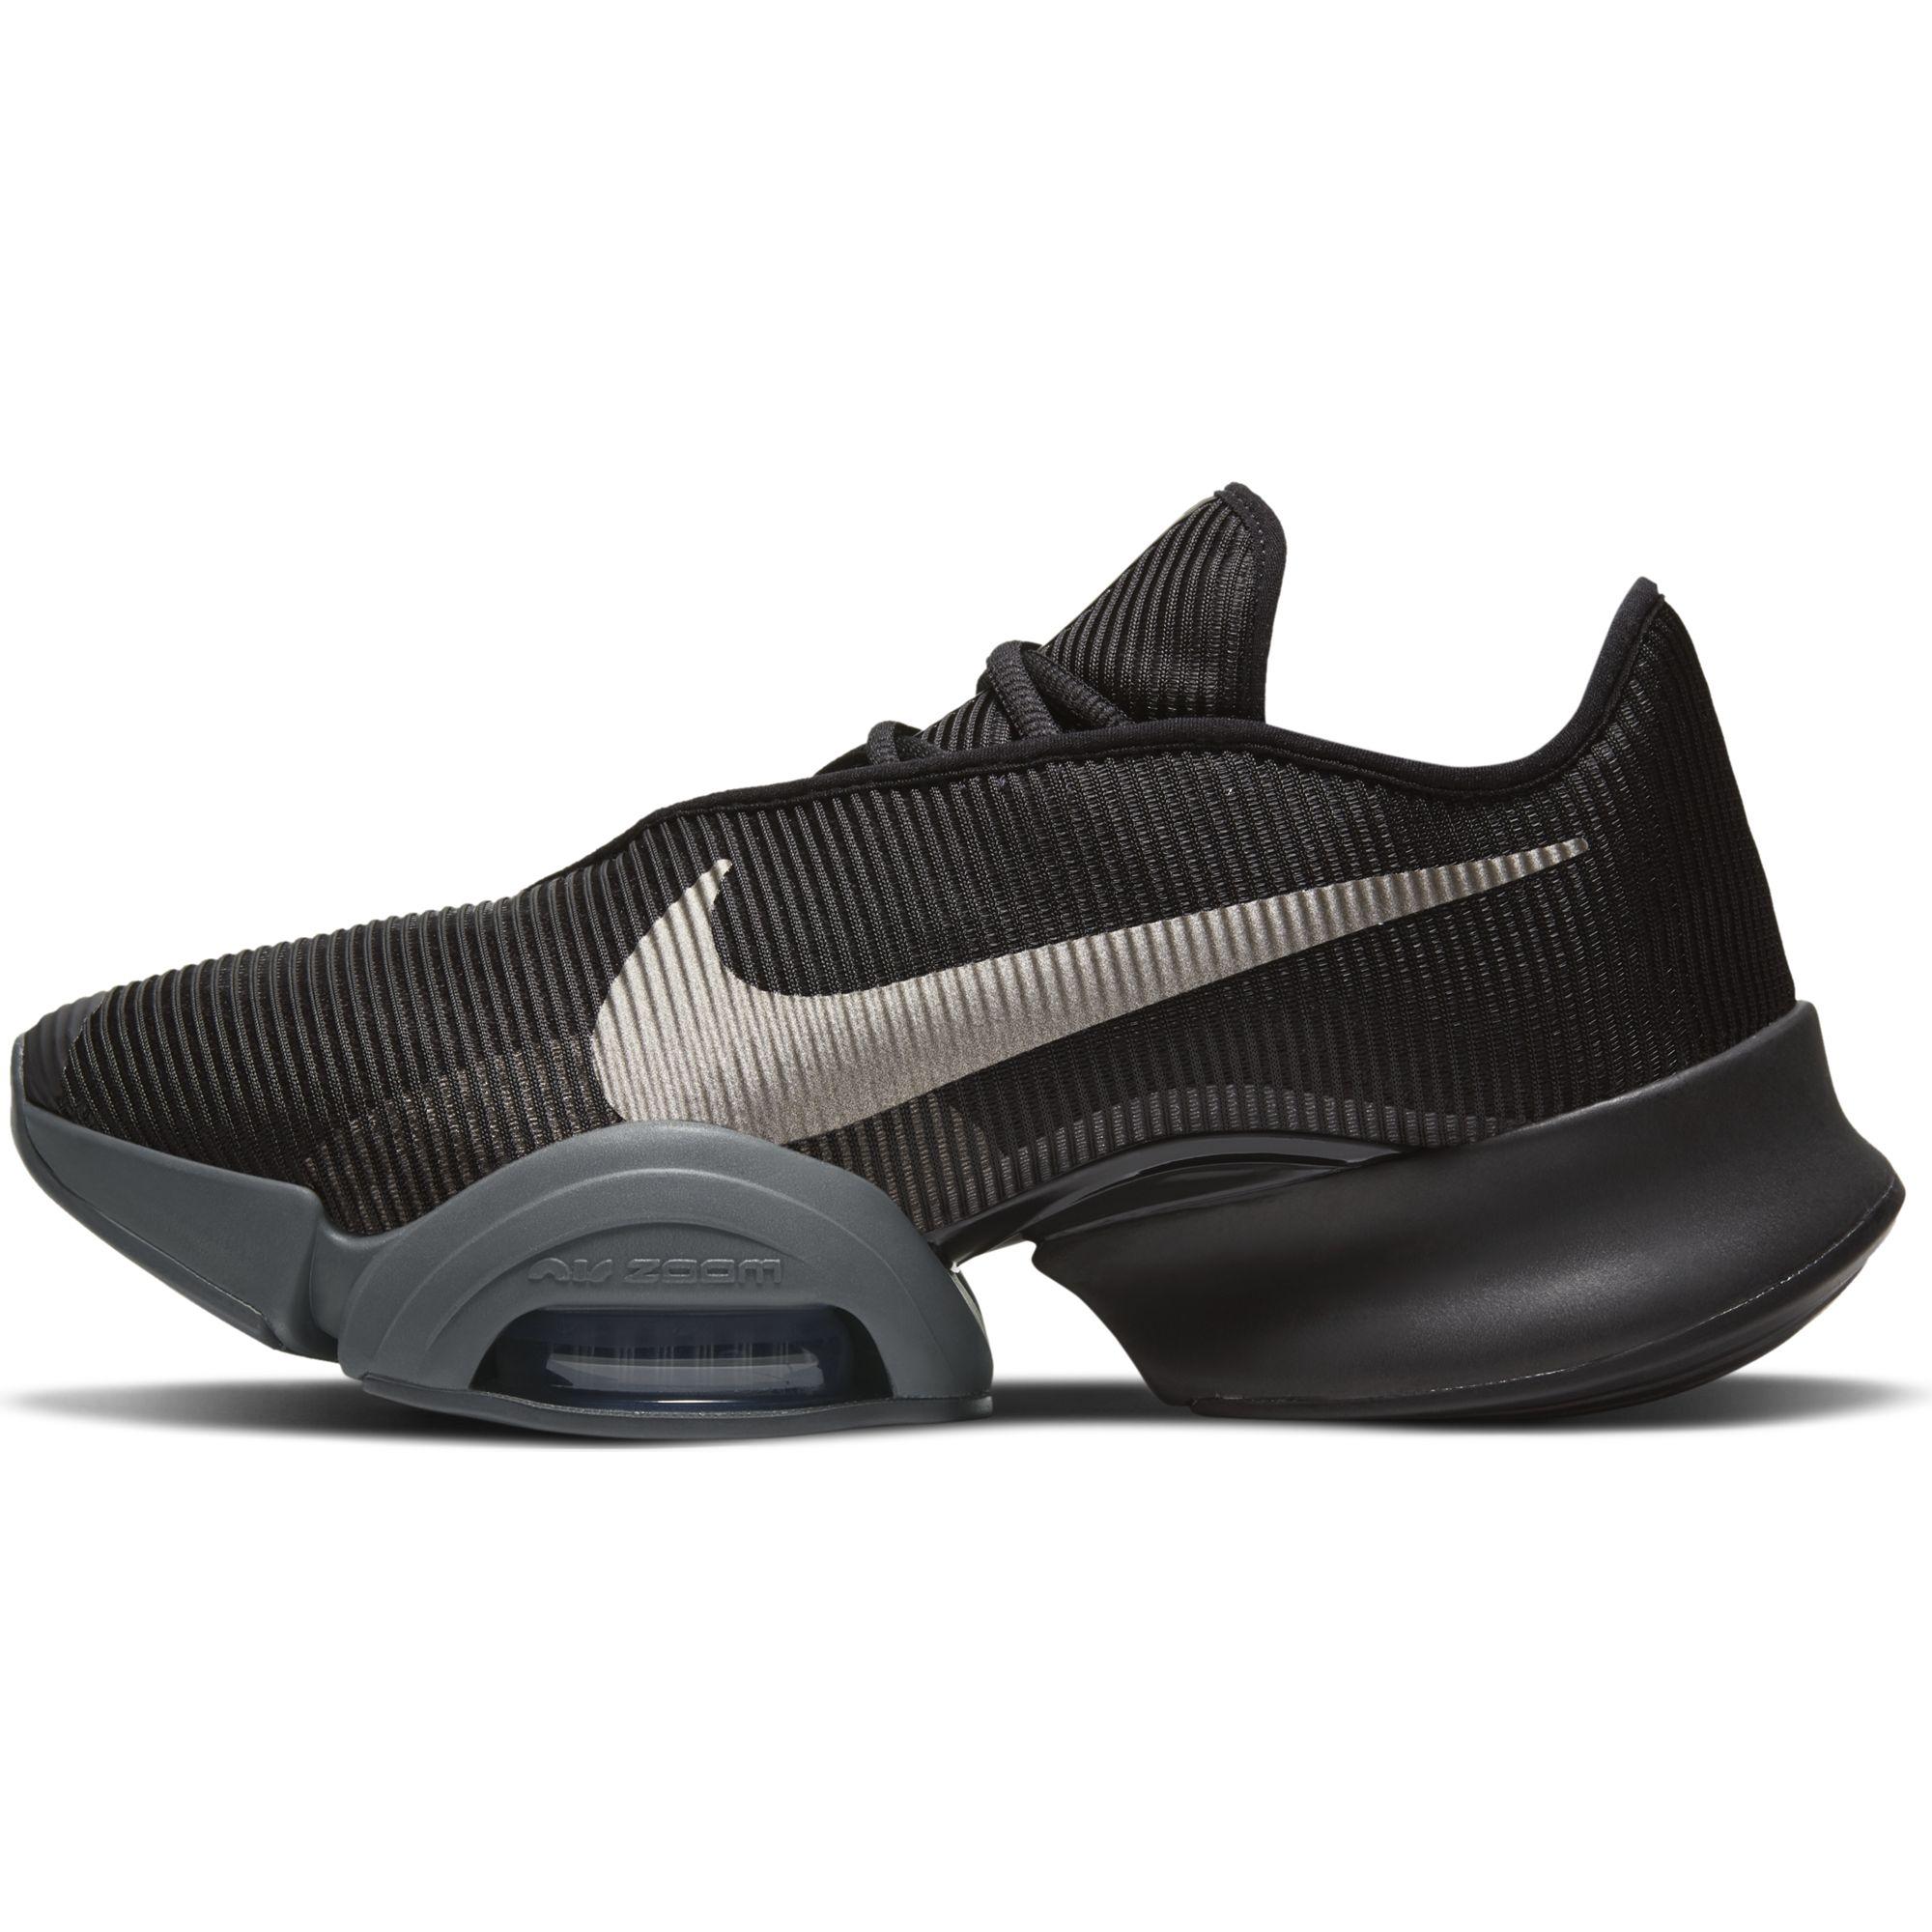 Nike Air Zoom Superrep 2 CU6445 001